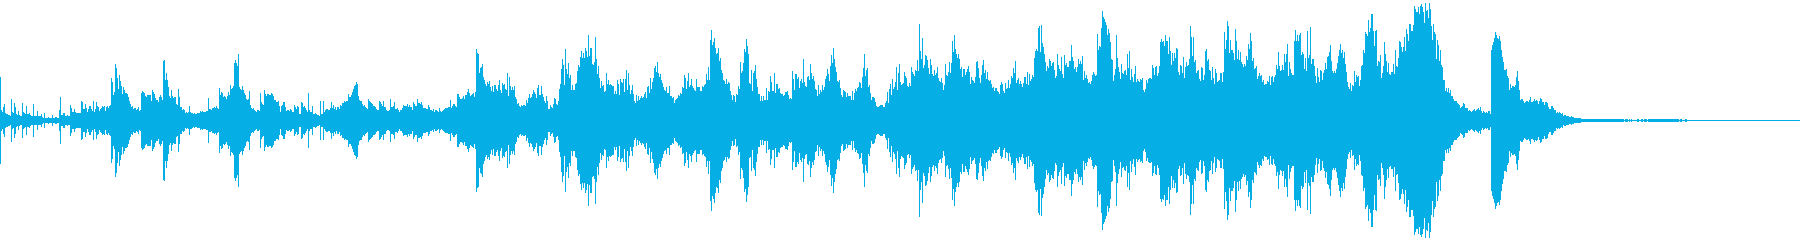 「働くこと」をイメージしたBGM の再生済みの波形